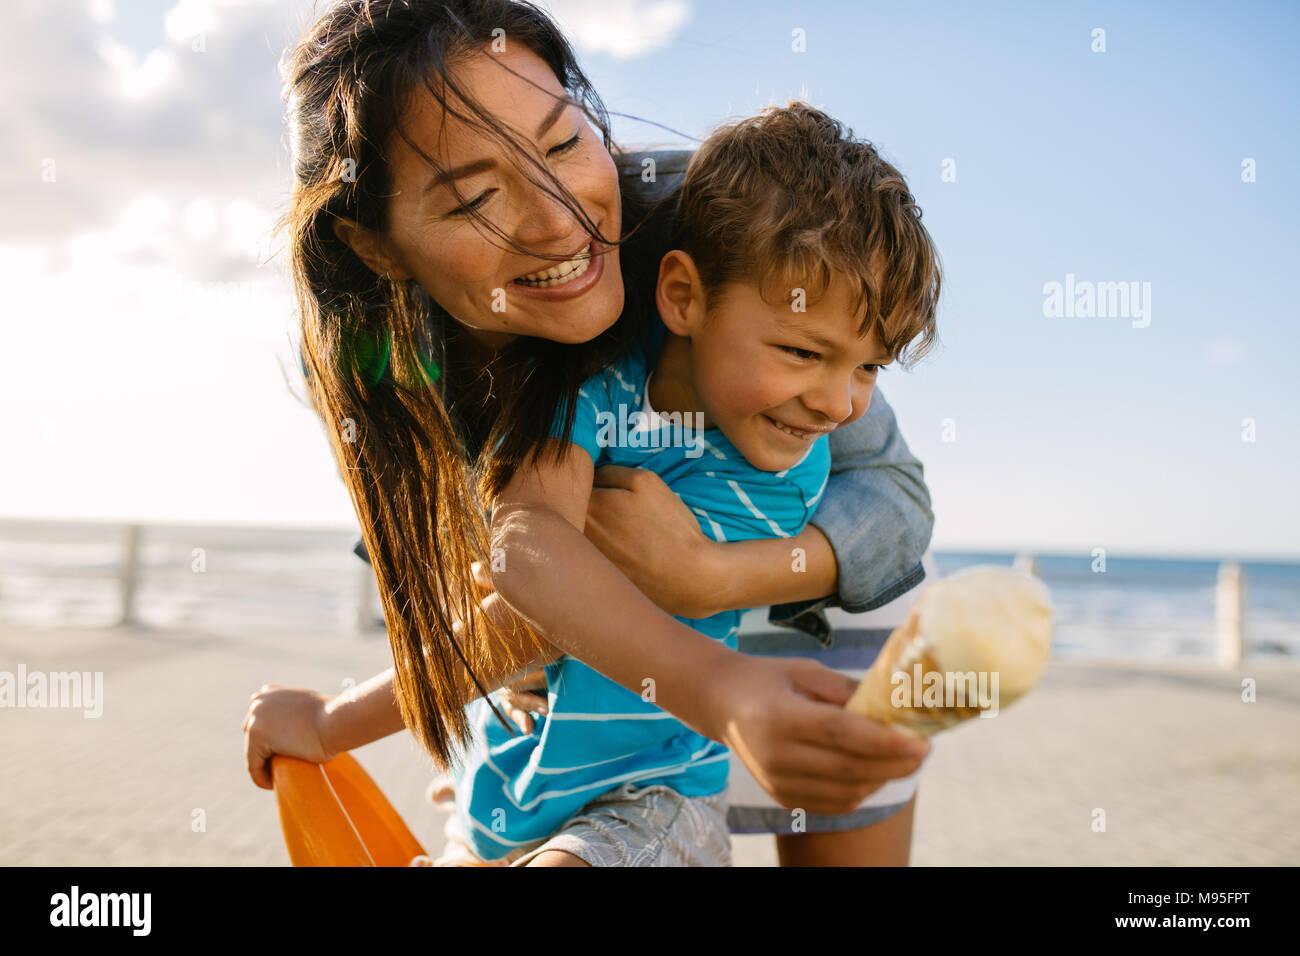 Garçon mangeant une glace près de front de mer avec sa mère. Petit garçon tenant un cornet de crème glacée pendant que sa mère s'efforce de le manger par derrière. Photo Stock